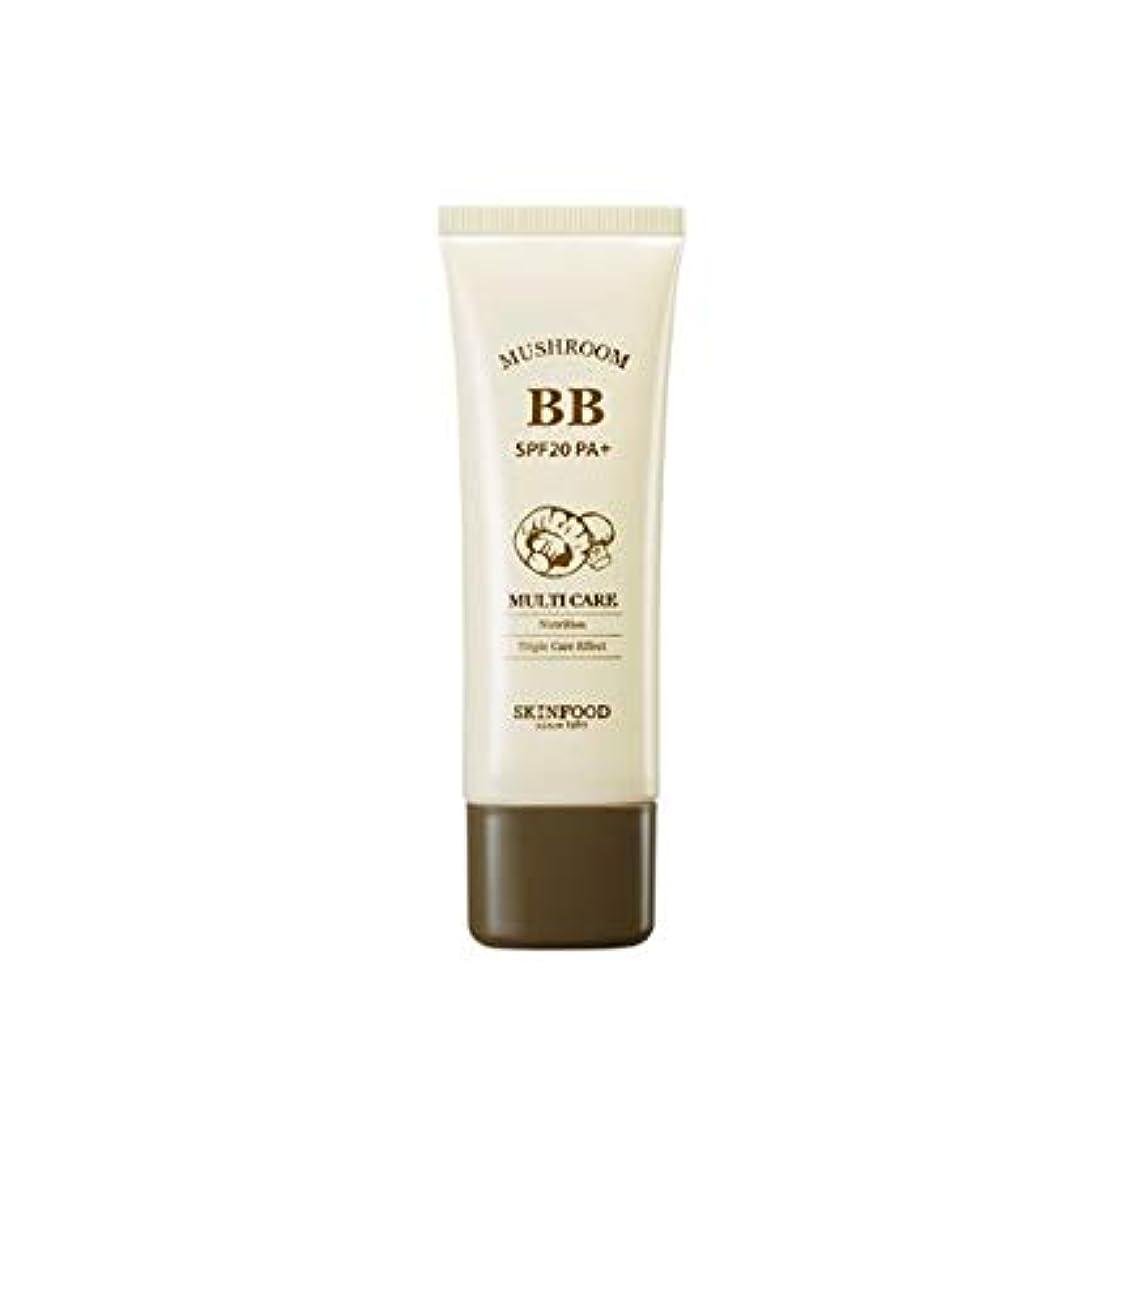 着替えるスーツすりSkinfood マッシュルームマルチケアBBクリームSPF20 PA +#No。 2ナチュラルスキン / Mushroom Multi Care BB Cream SPF20 PA+#No. 2 Natural Skin...